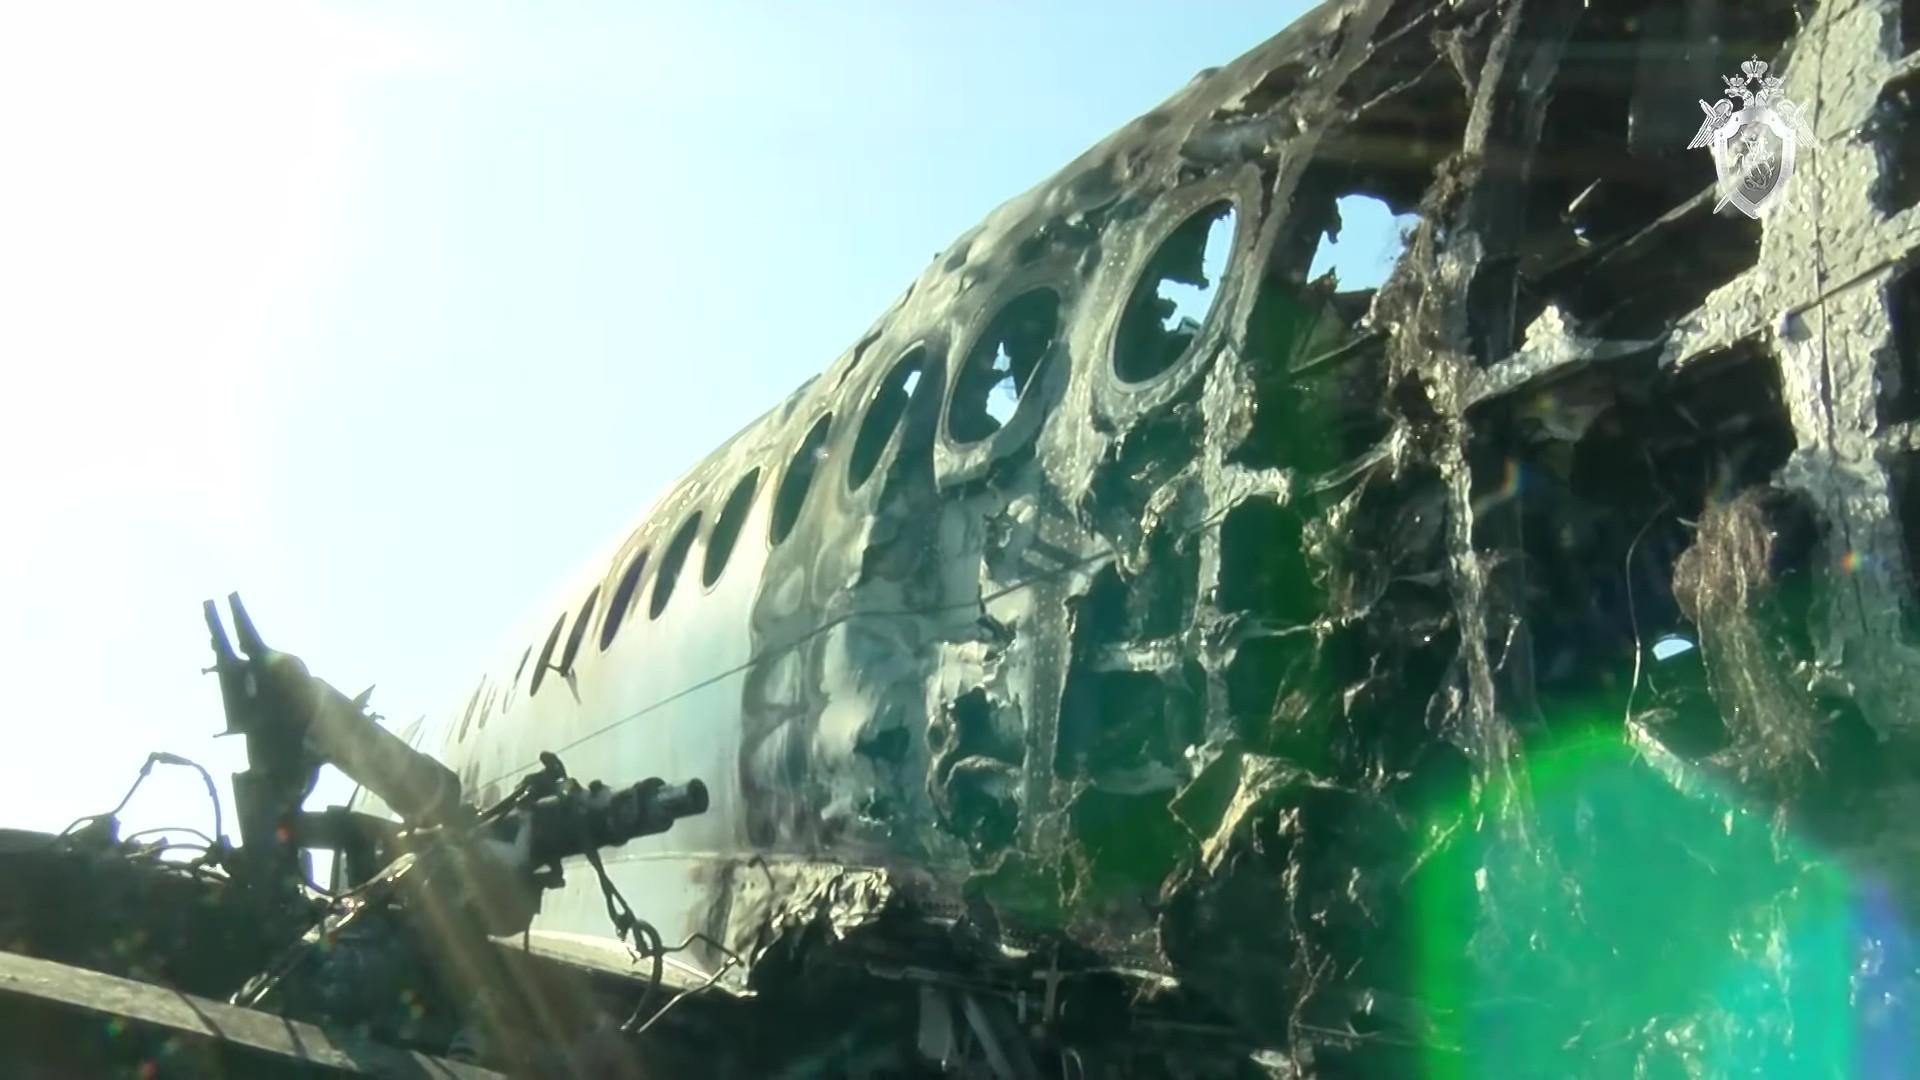 هيكل الطائرة المنكوبة في مطار شيريميتيفو بموسكو، 6 مايو 2019